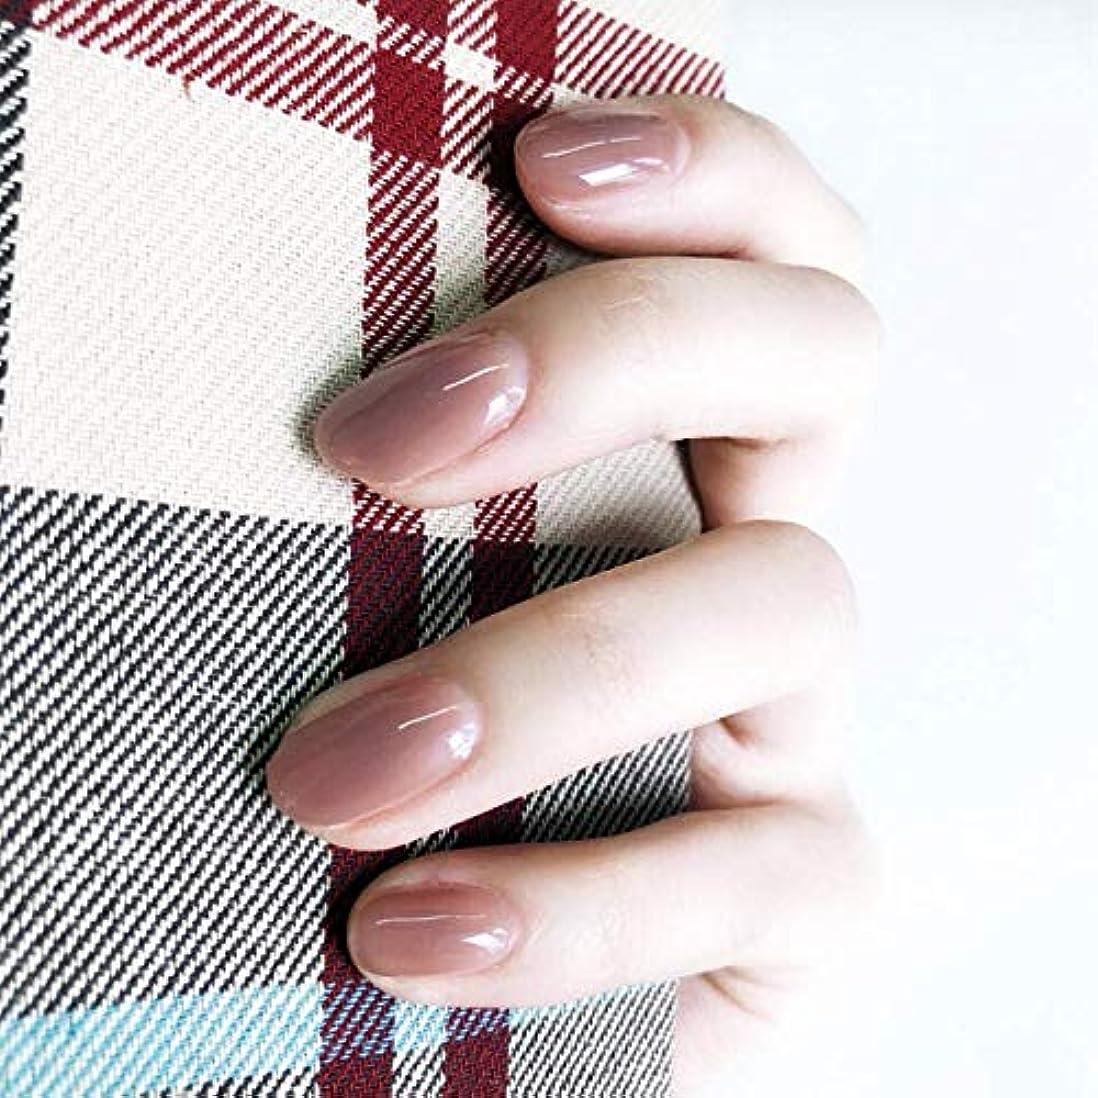 モールス信号振幅コロニー24枚入 無地ネイルチップ 可愛い優雅ネイル ins流行する ゼリーネイルチップ 多色オプション 結婚式、パーティー、二次会など 入学式 入園式 ネイルジュエリー つけ爪 (グレーピンク)